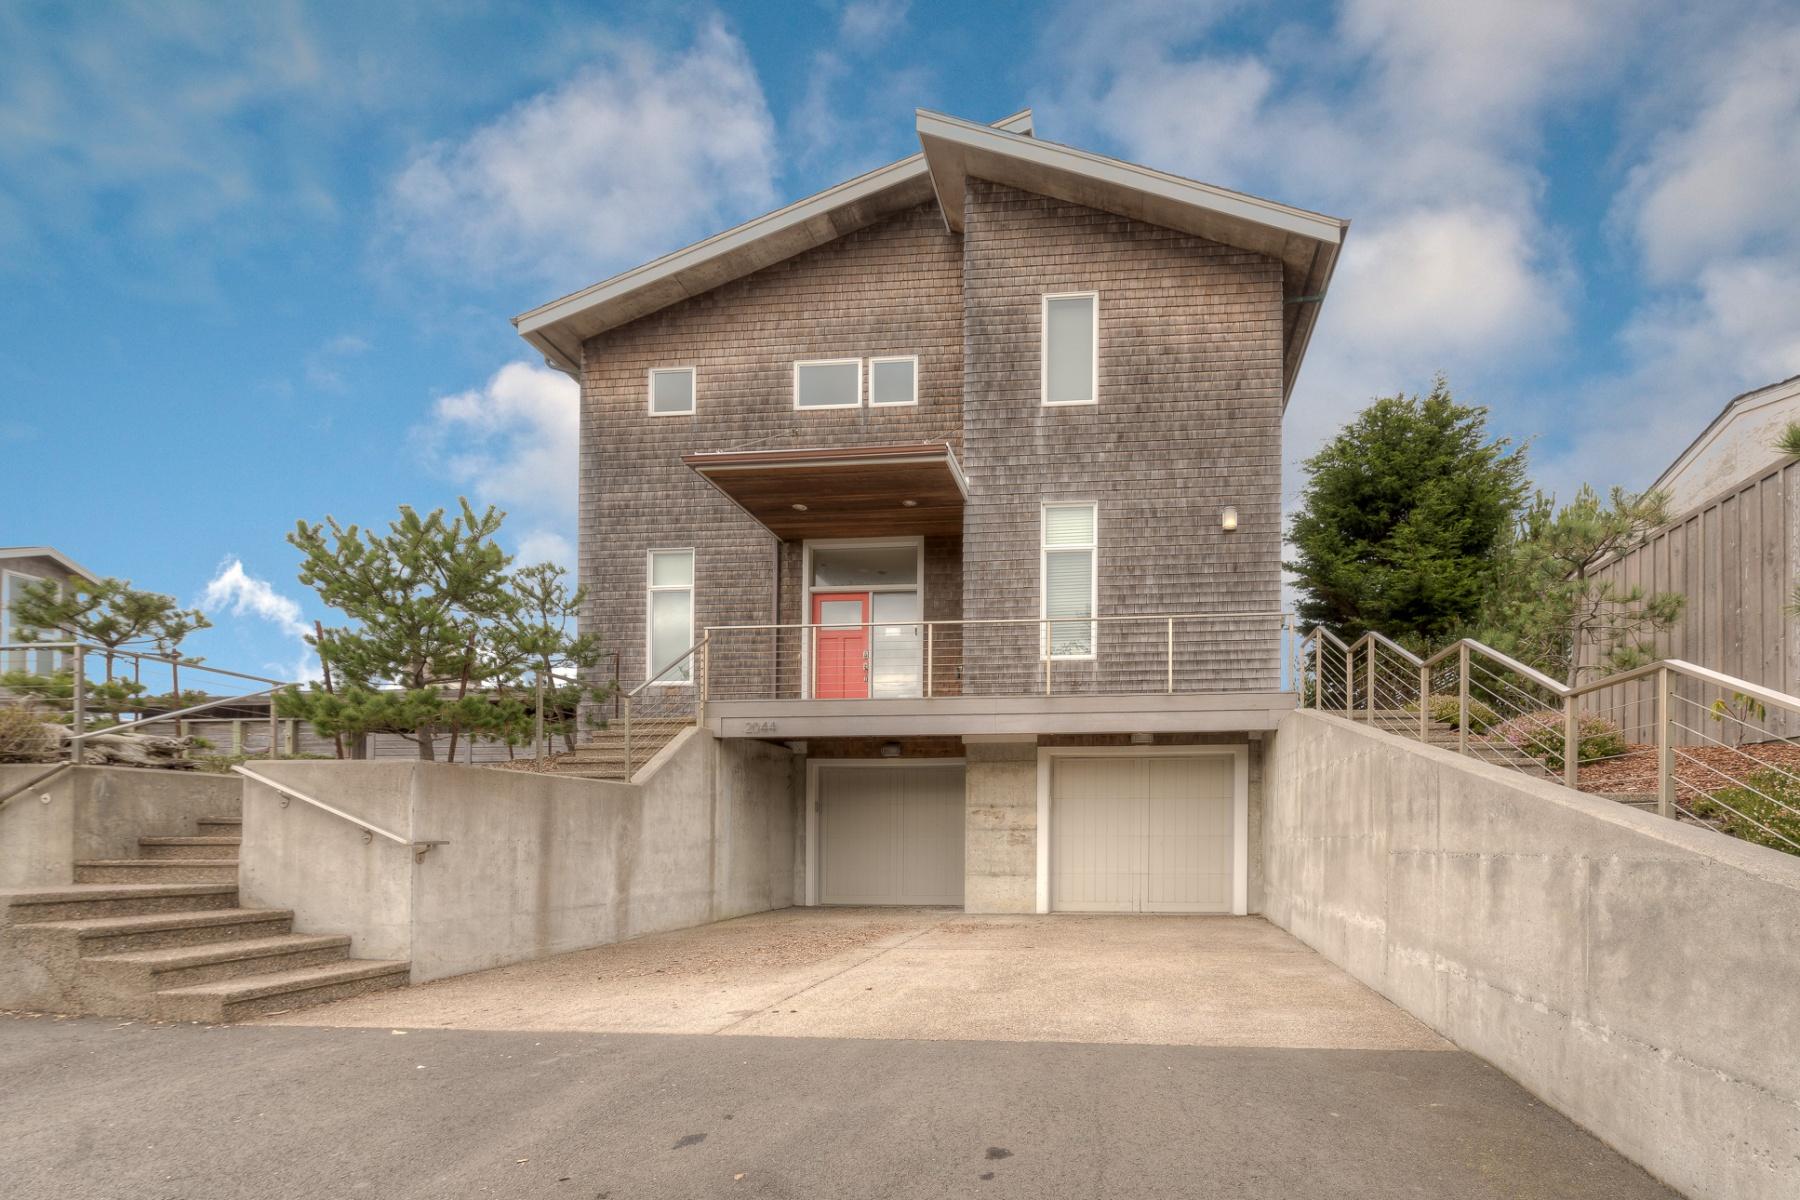 Nhà ở một gia đình vì Bán tại 2044 N Ocean AVE, GEARHART, OR Seaside, Oregon, 97138 Hoa Kỳ